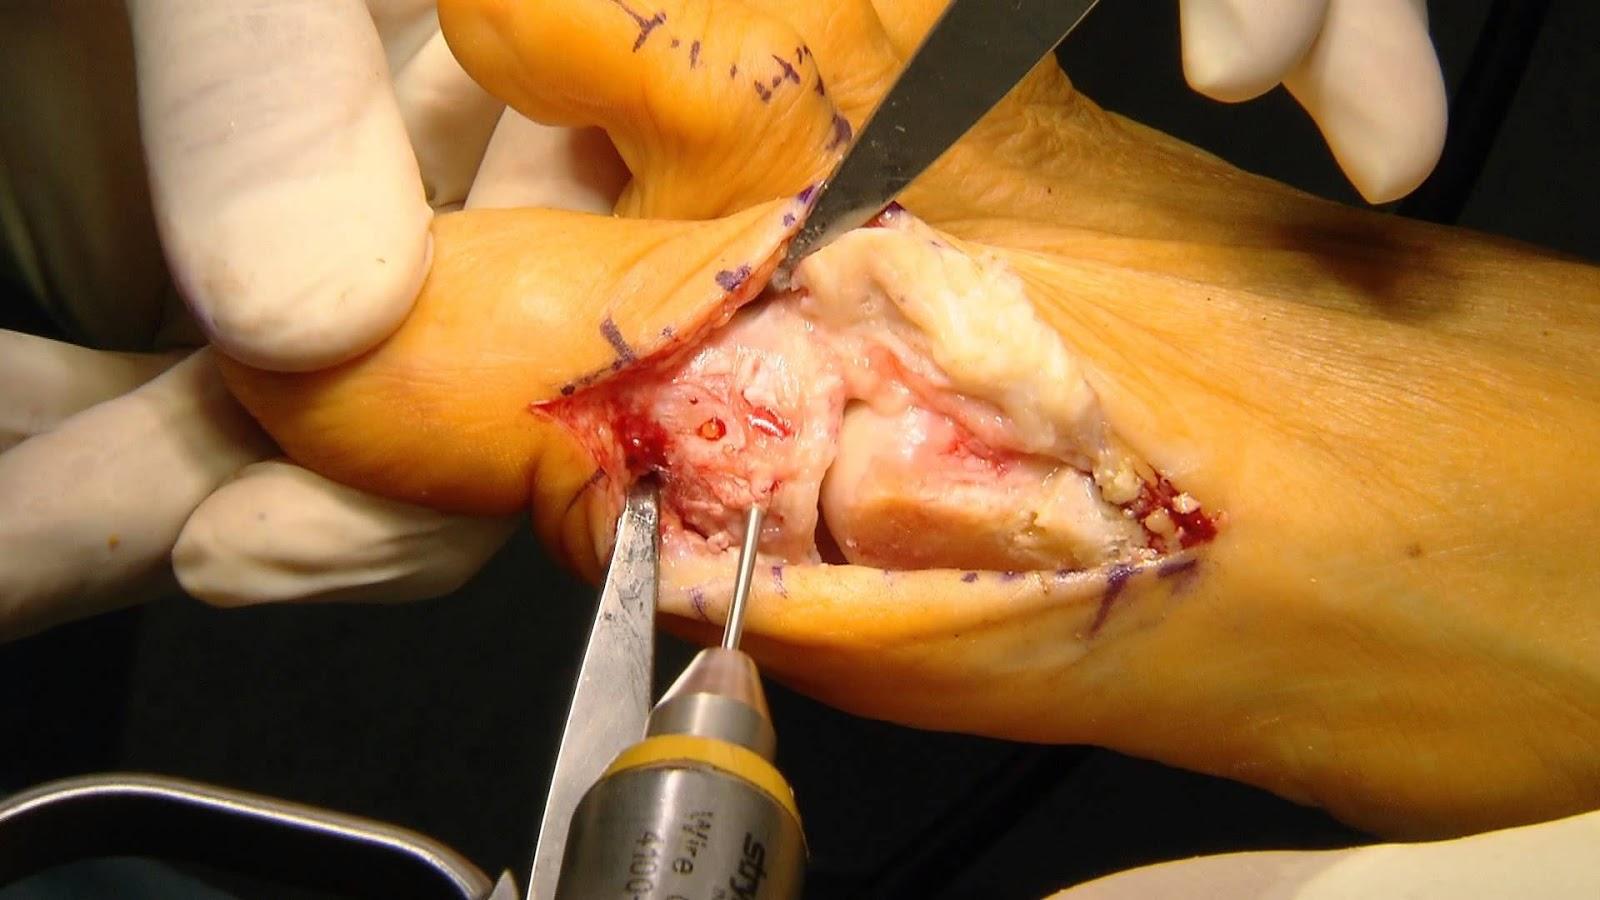 Hallux valgus medicusmeo for Operacion de pies